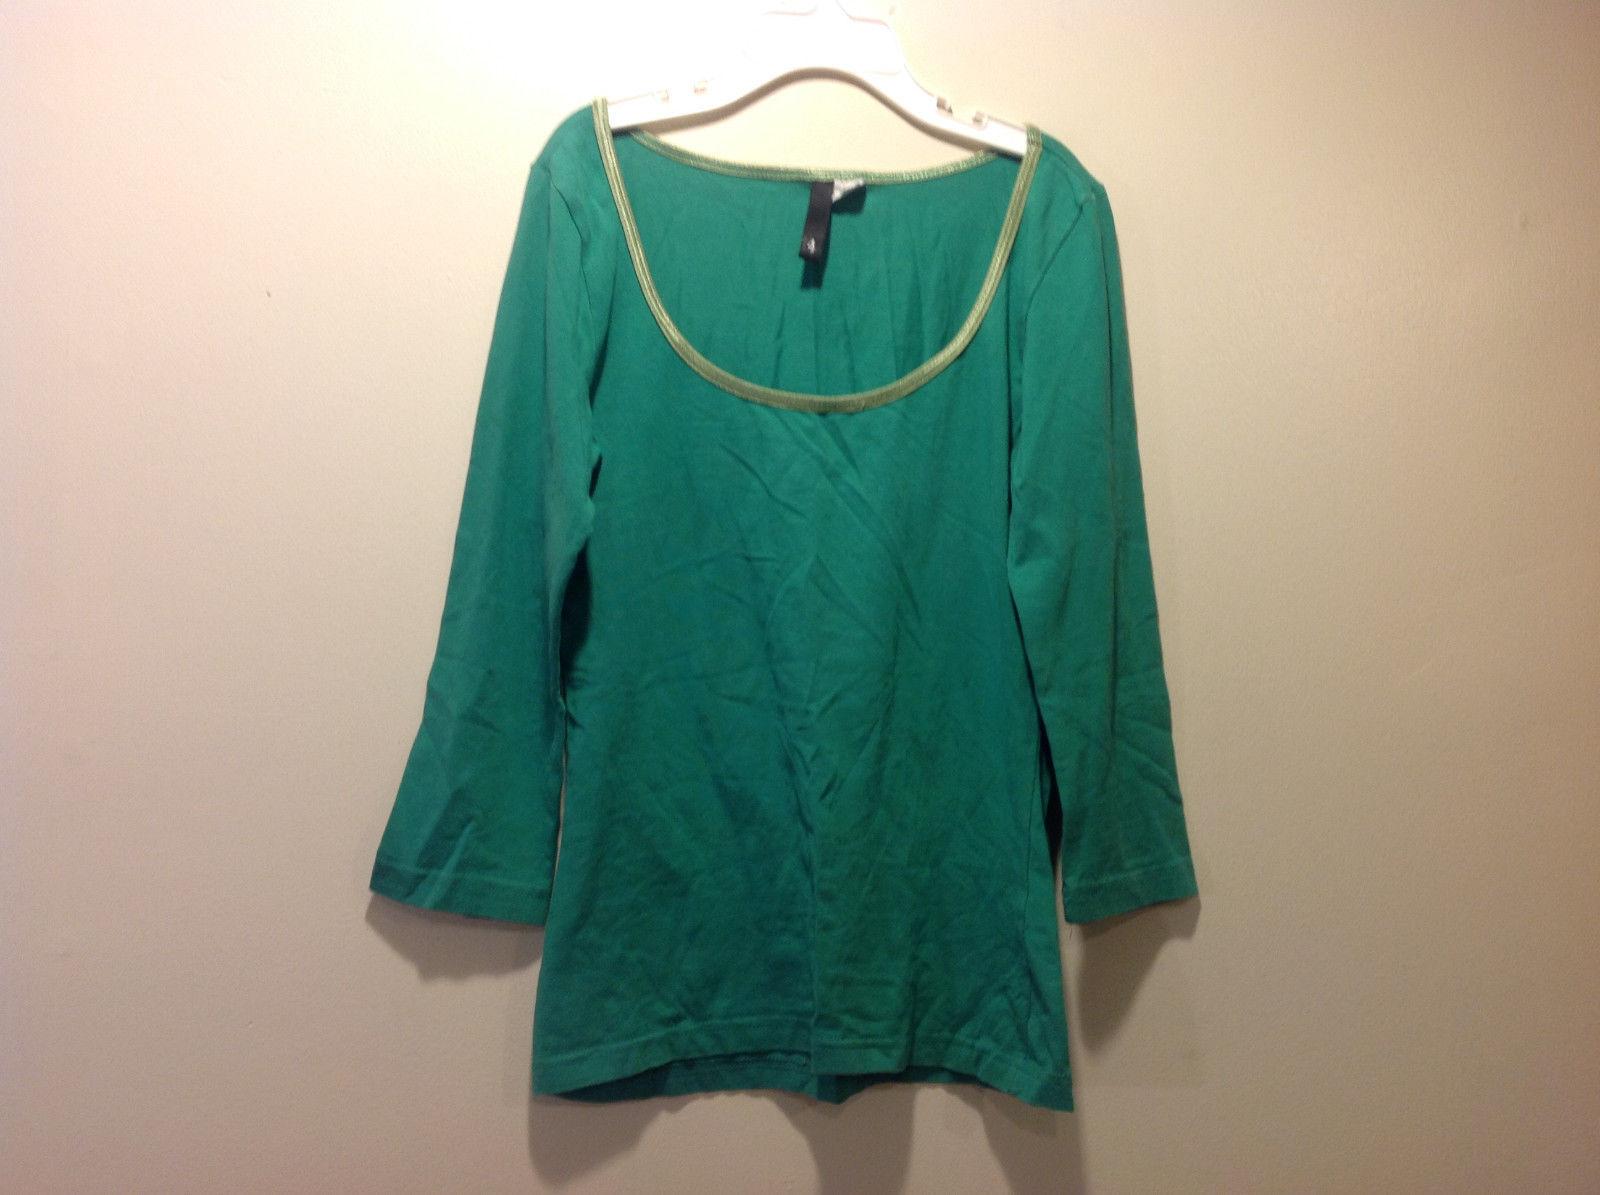 H & M Kids Green long sleeve shirt